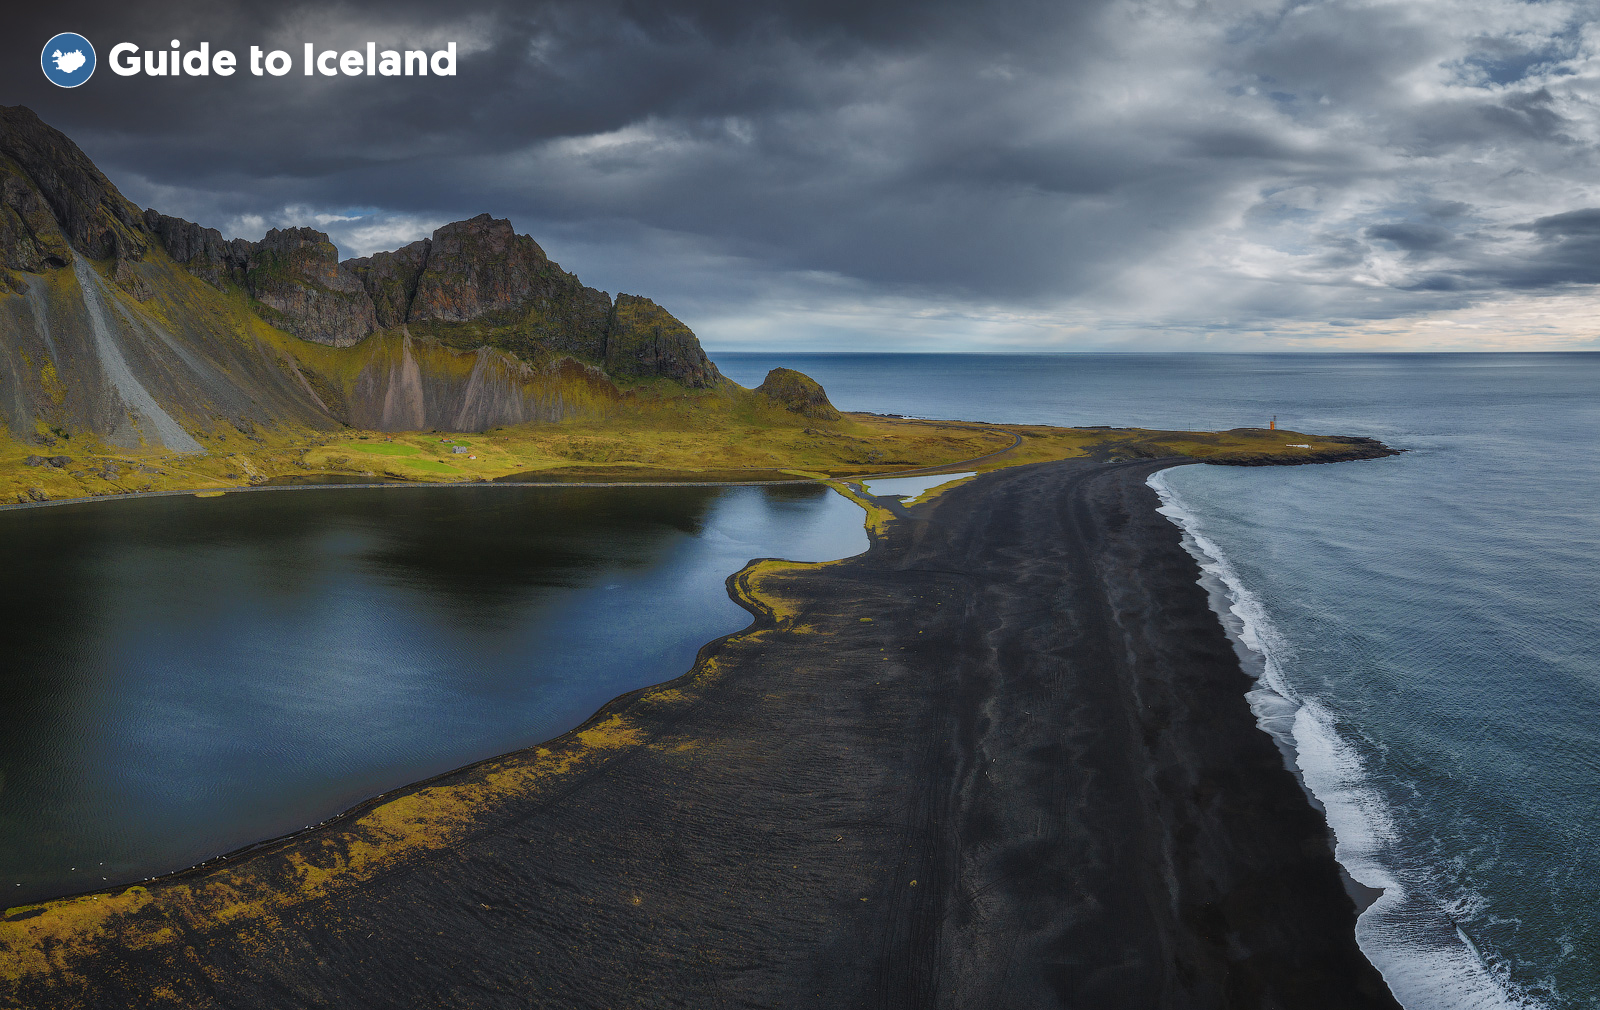 冰岛东南部Stokksnes半岛上的Vestrahorn山峰造型奇特,夏季的午夜阳光下更加美丽